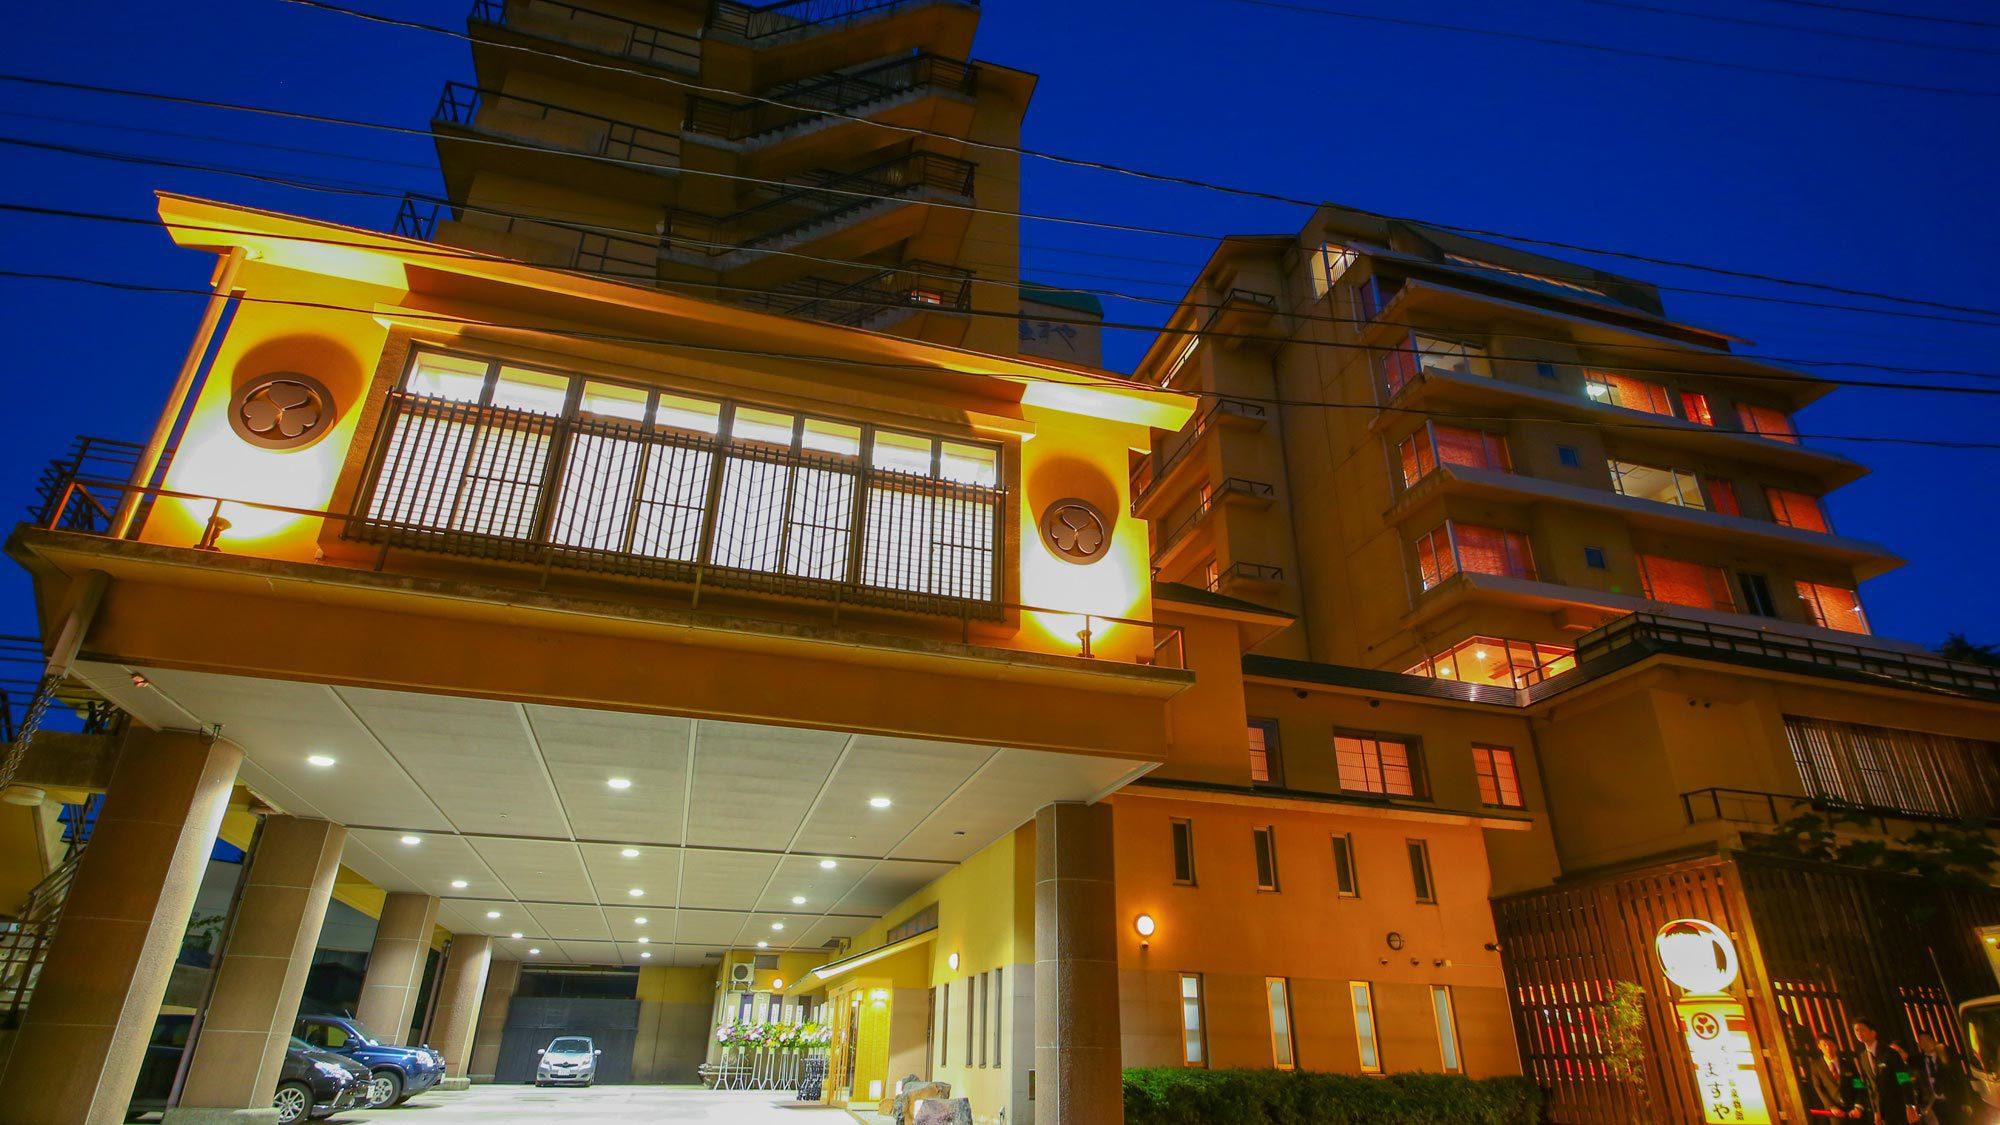 子連れにぴったりの鳴子温泉のゲームコーナーが充実しているホテルを知りたい